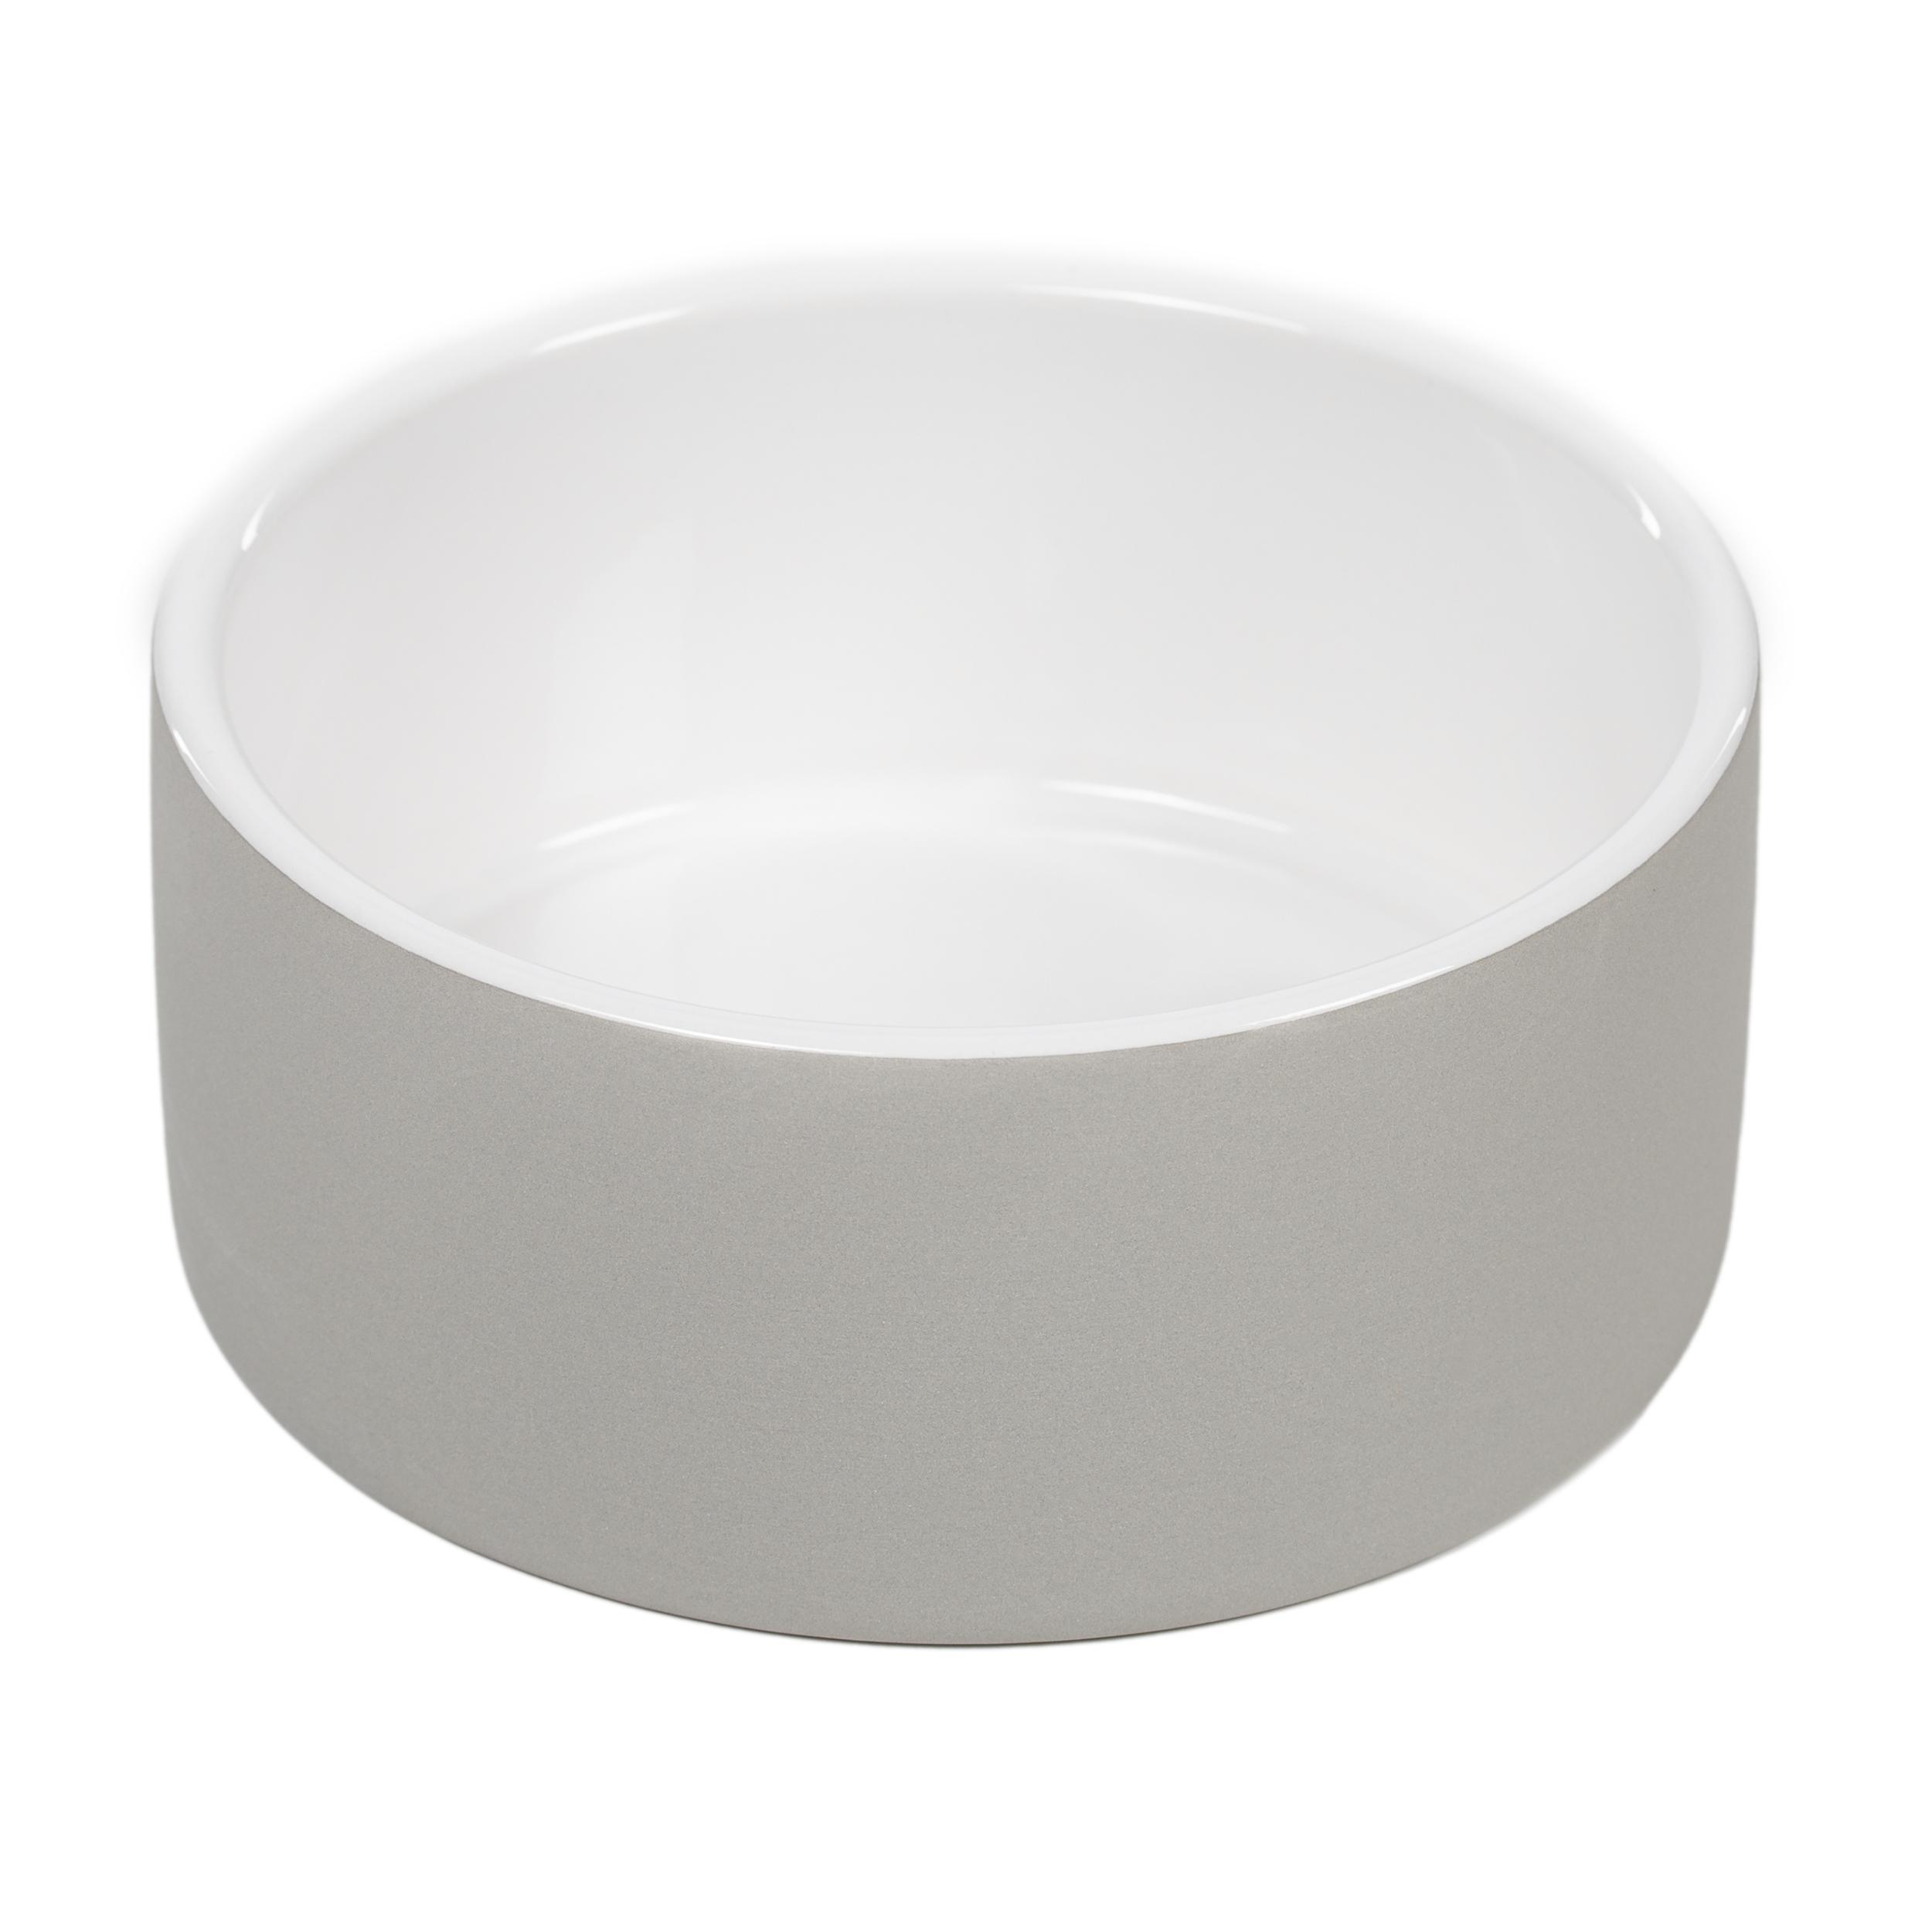 Cooling Bowl - XS skål Grå